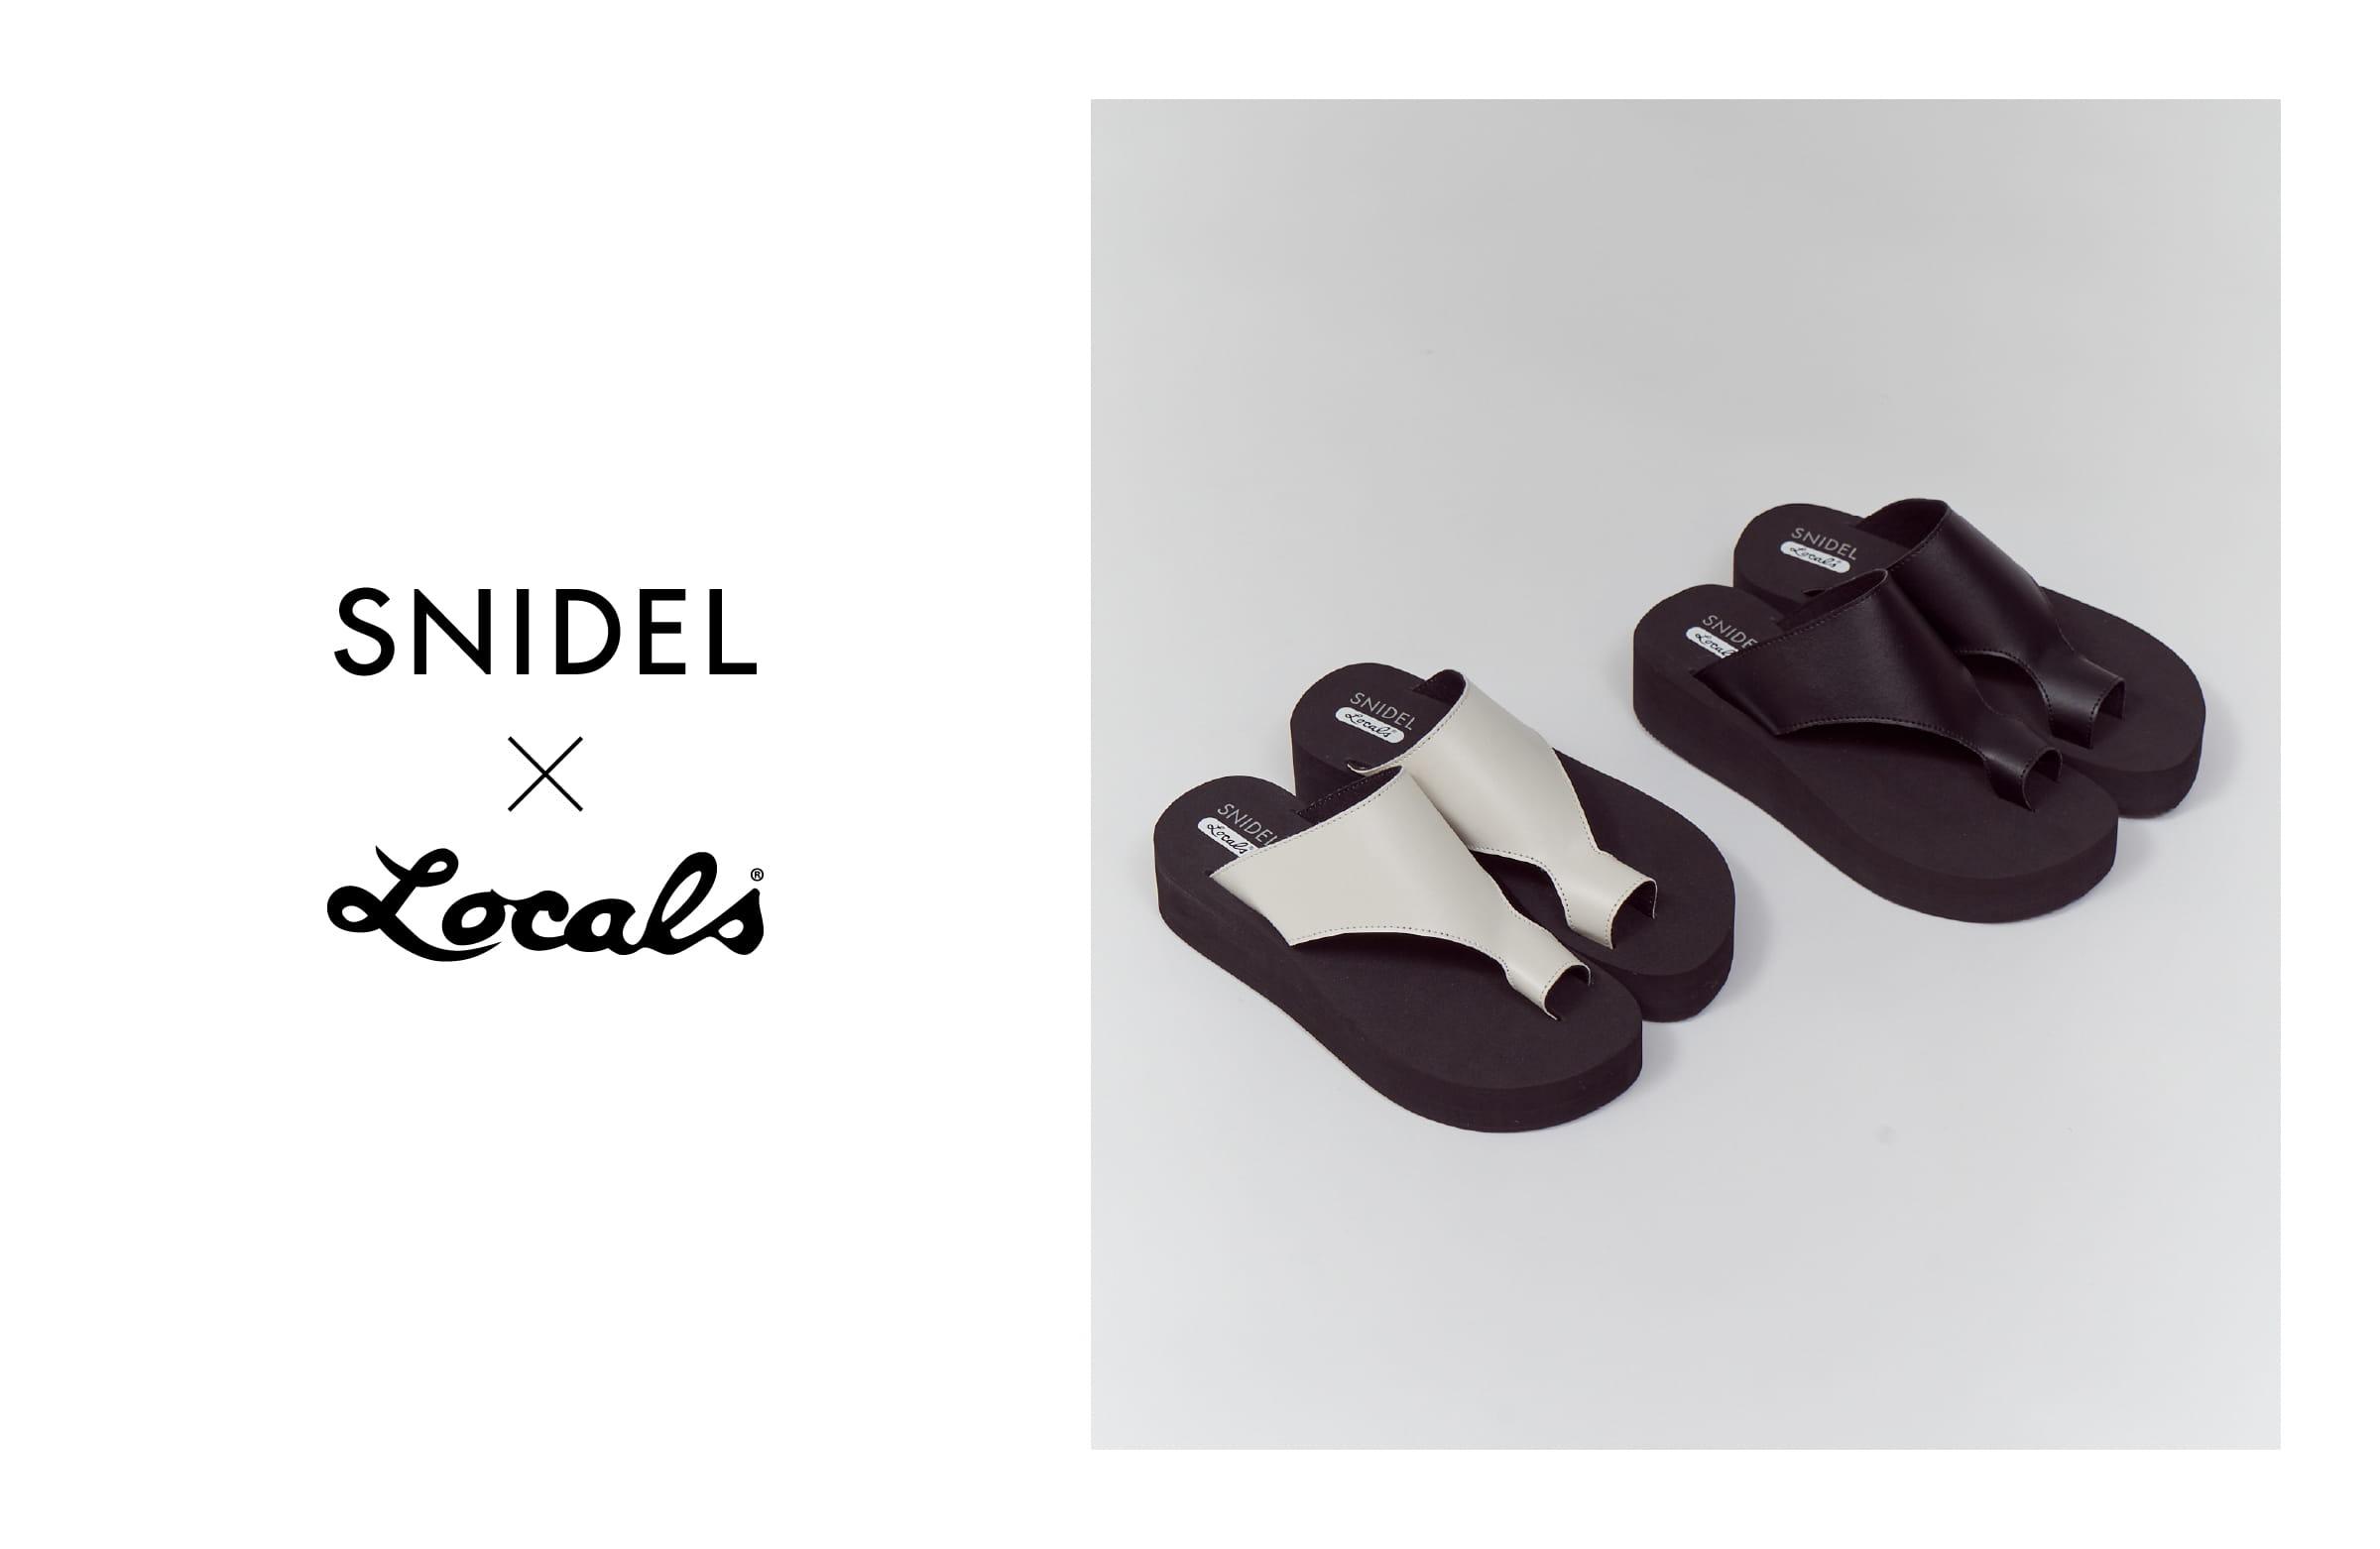 SNIDEL x Locals®